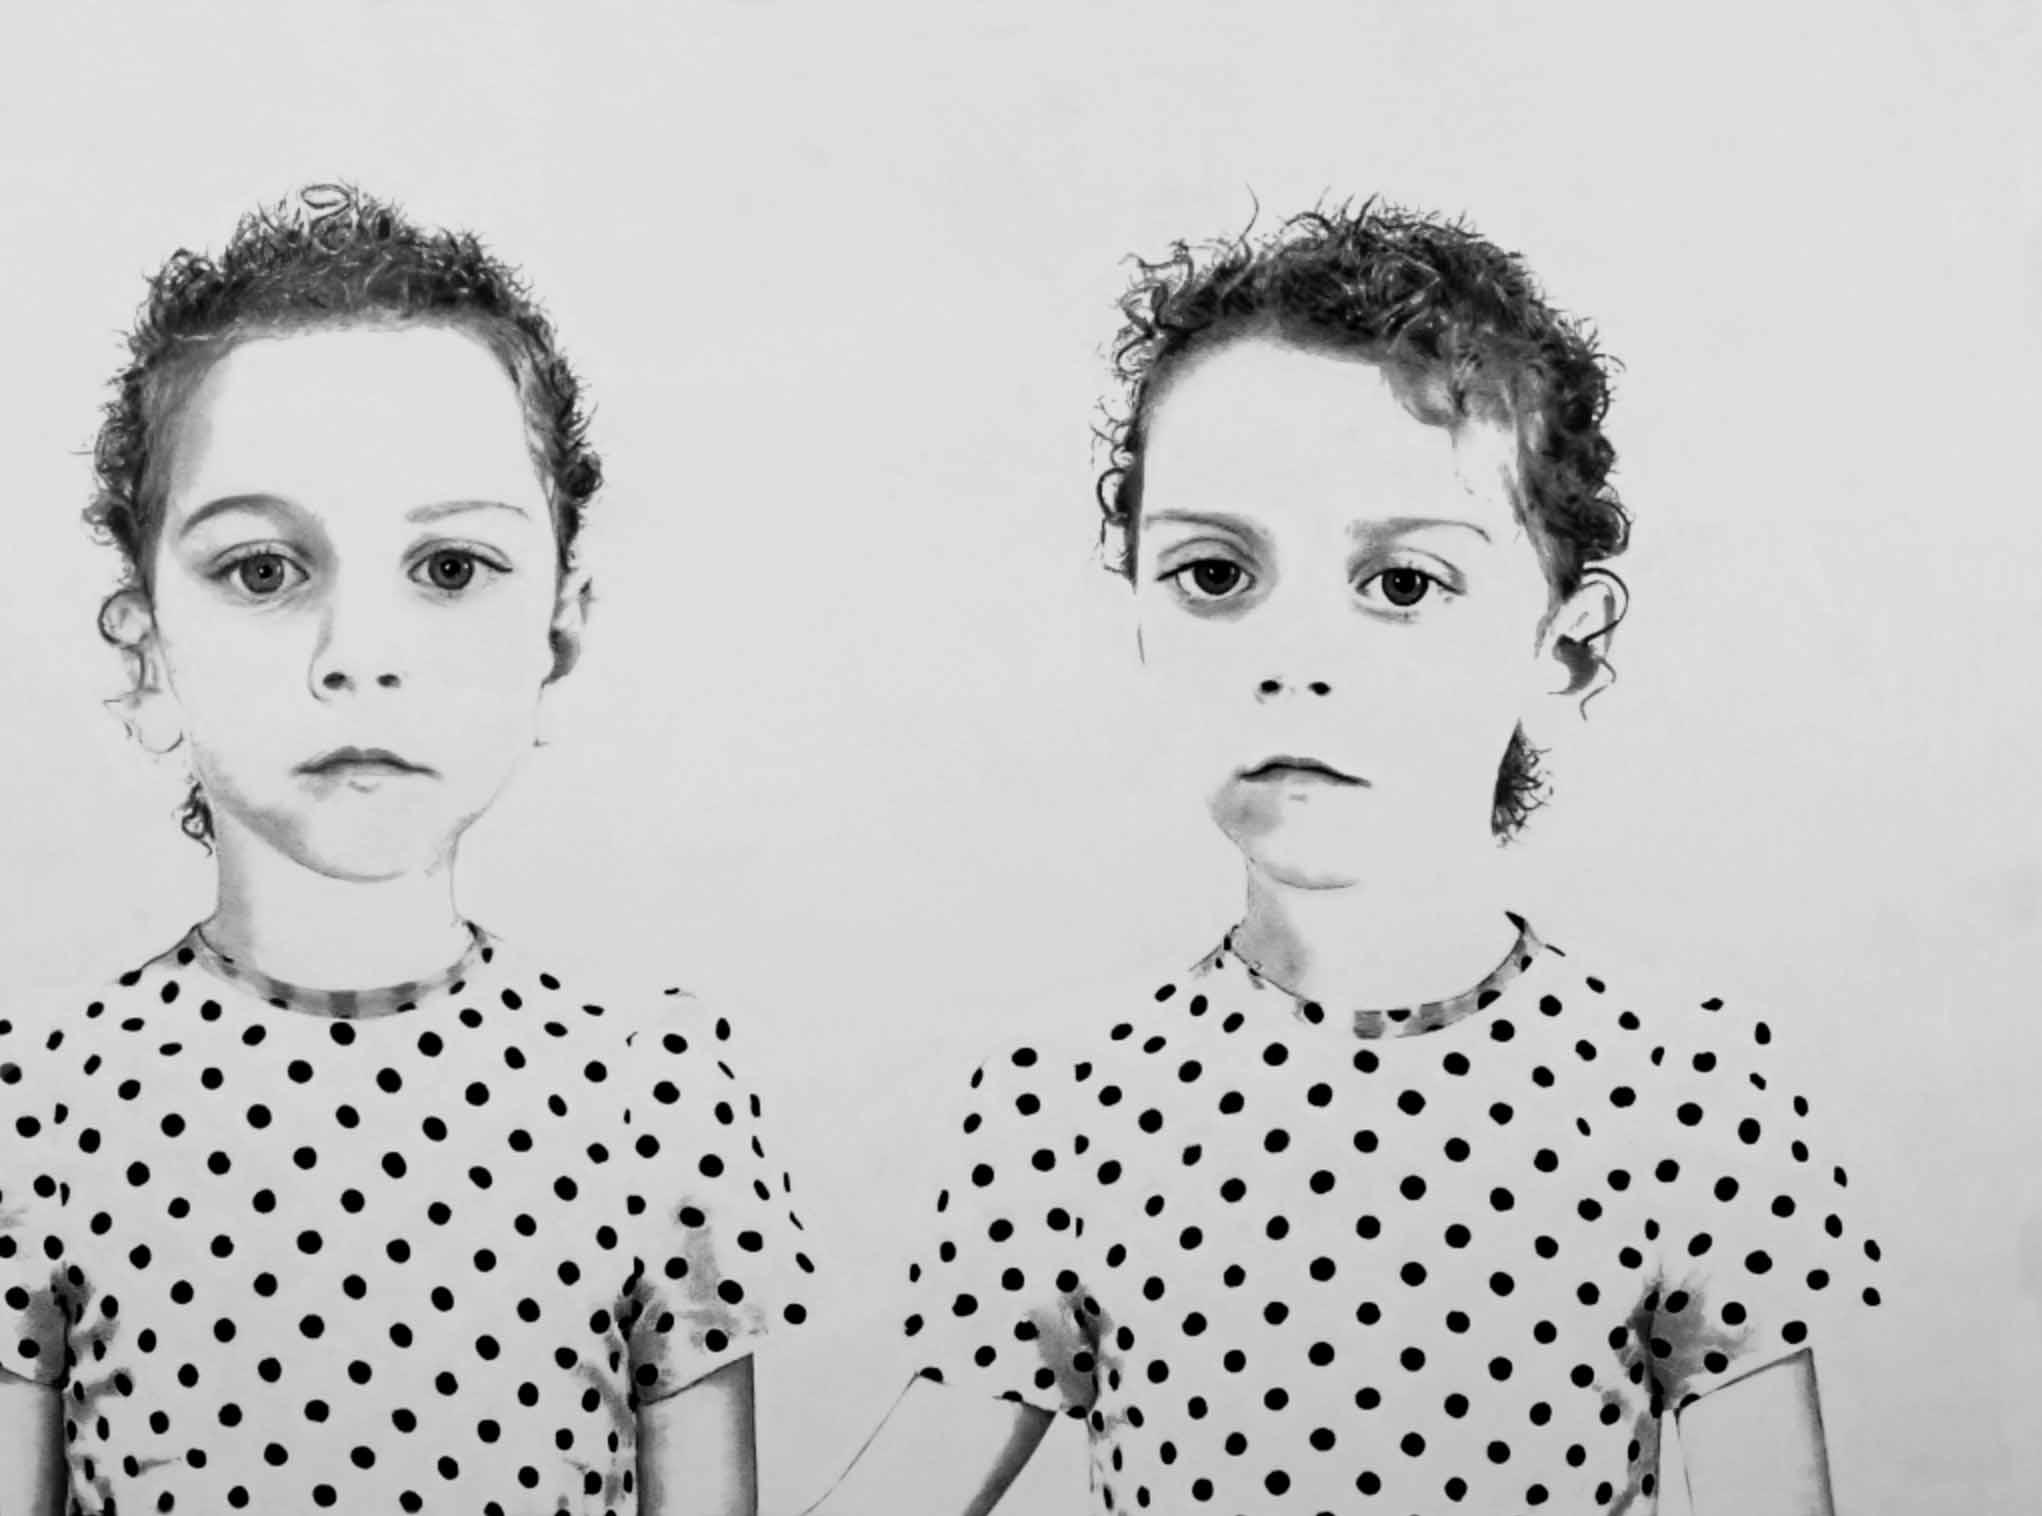 « Les Jumelles » Hommage à Jean Olivier HUCLEUX Dessin au crayon graphite HB avec rehauts de blanc sur papier Canson - 1.00 X 0.75 - Prix sur demande -